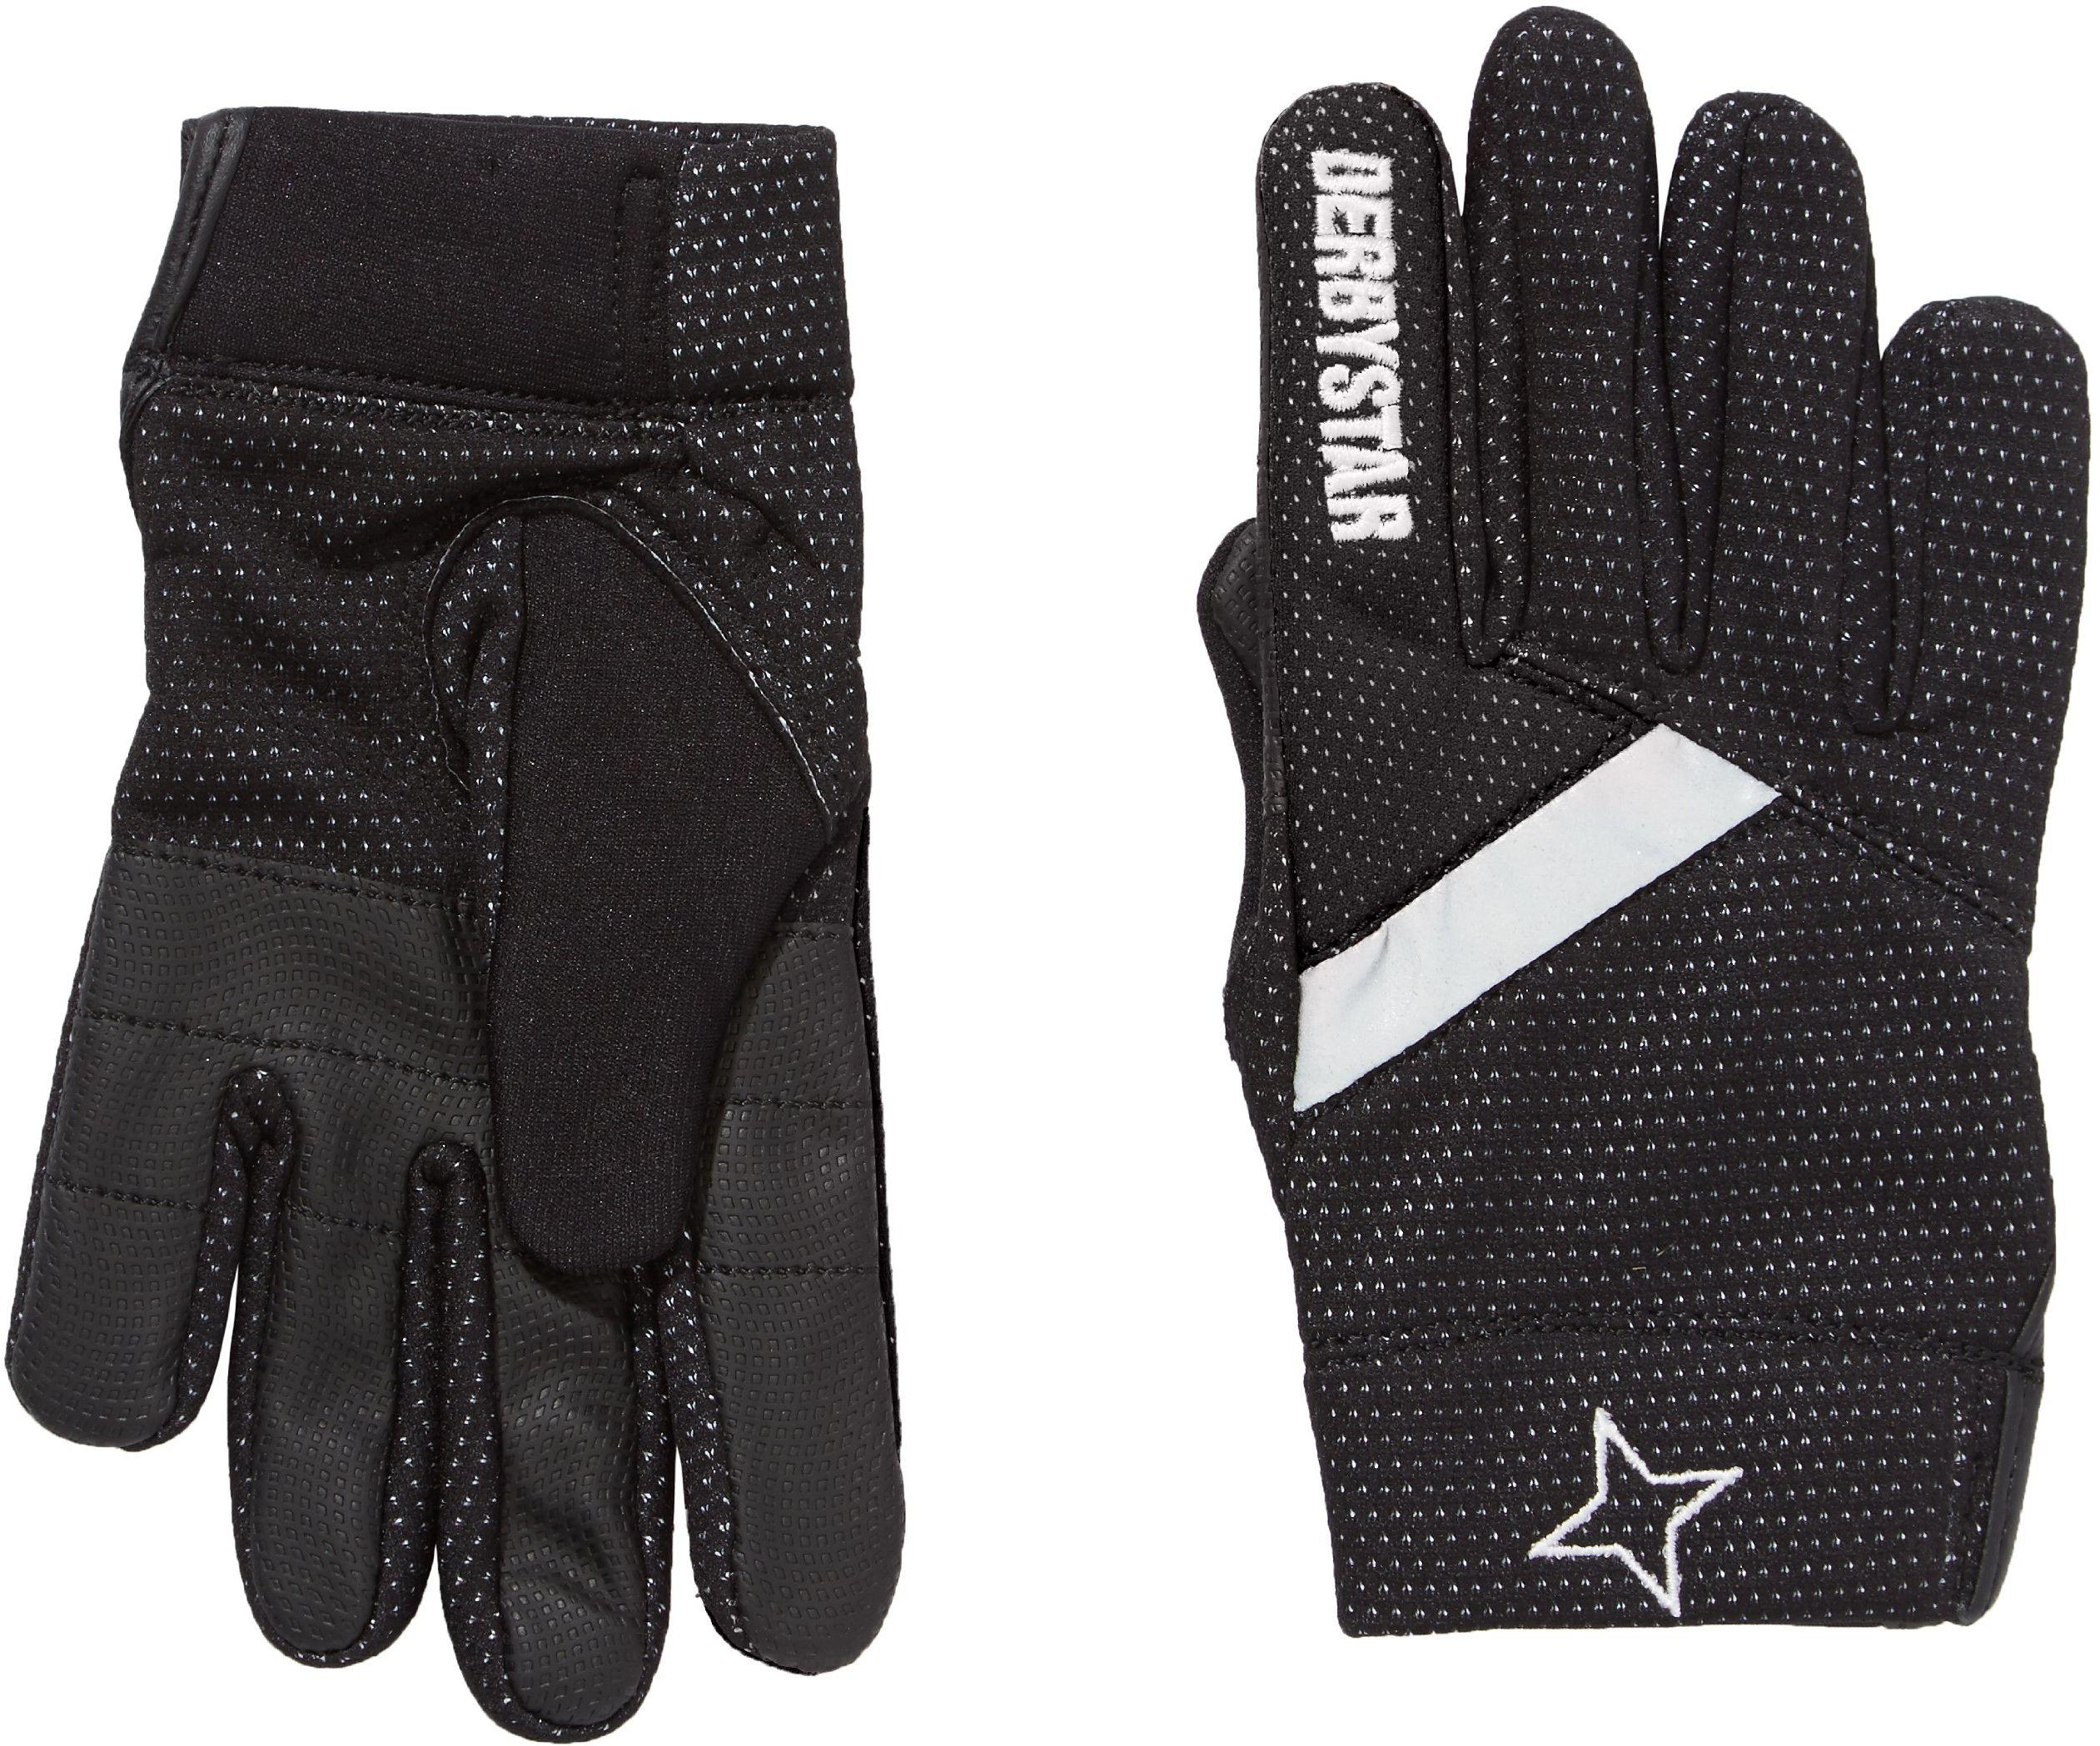 Derbystar Rękawiczki dla graczy, 11, czarne, 2640110200